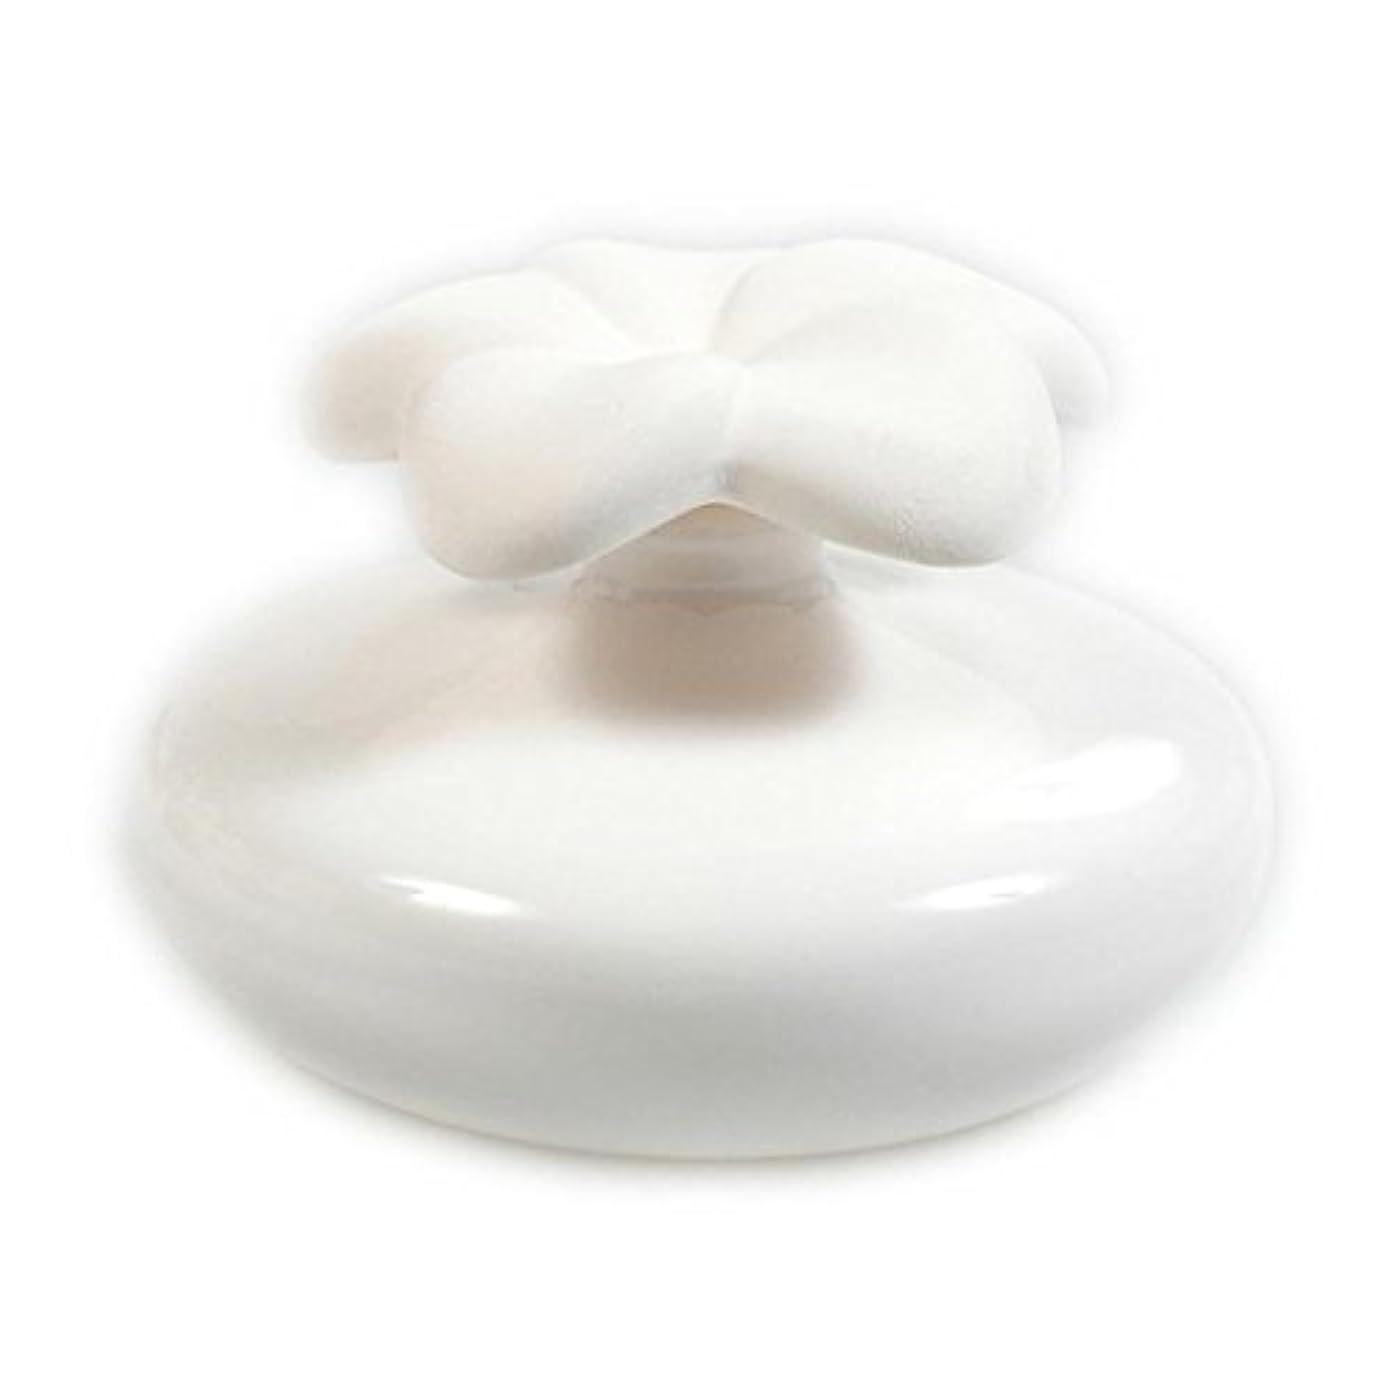 誰もいろいろ報酬Millefiori FIORE ルームフレグランス用 花の形のセラミックディフューザー Mサイズ ホワイト LDIF-FM-001